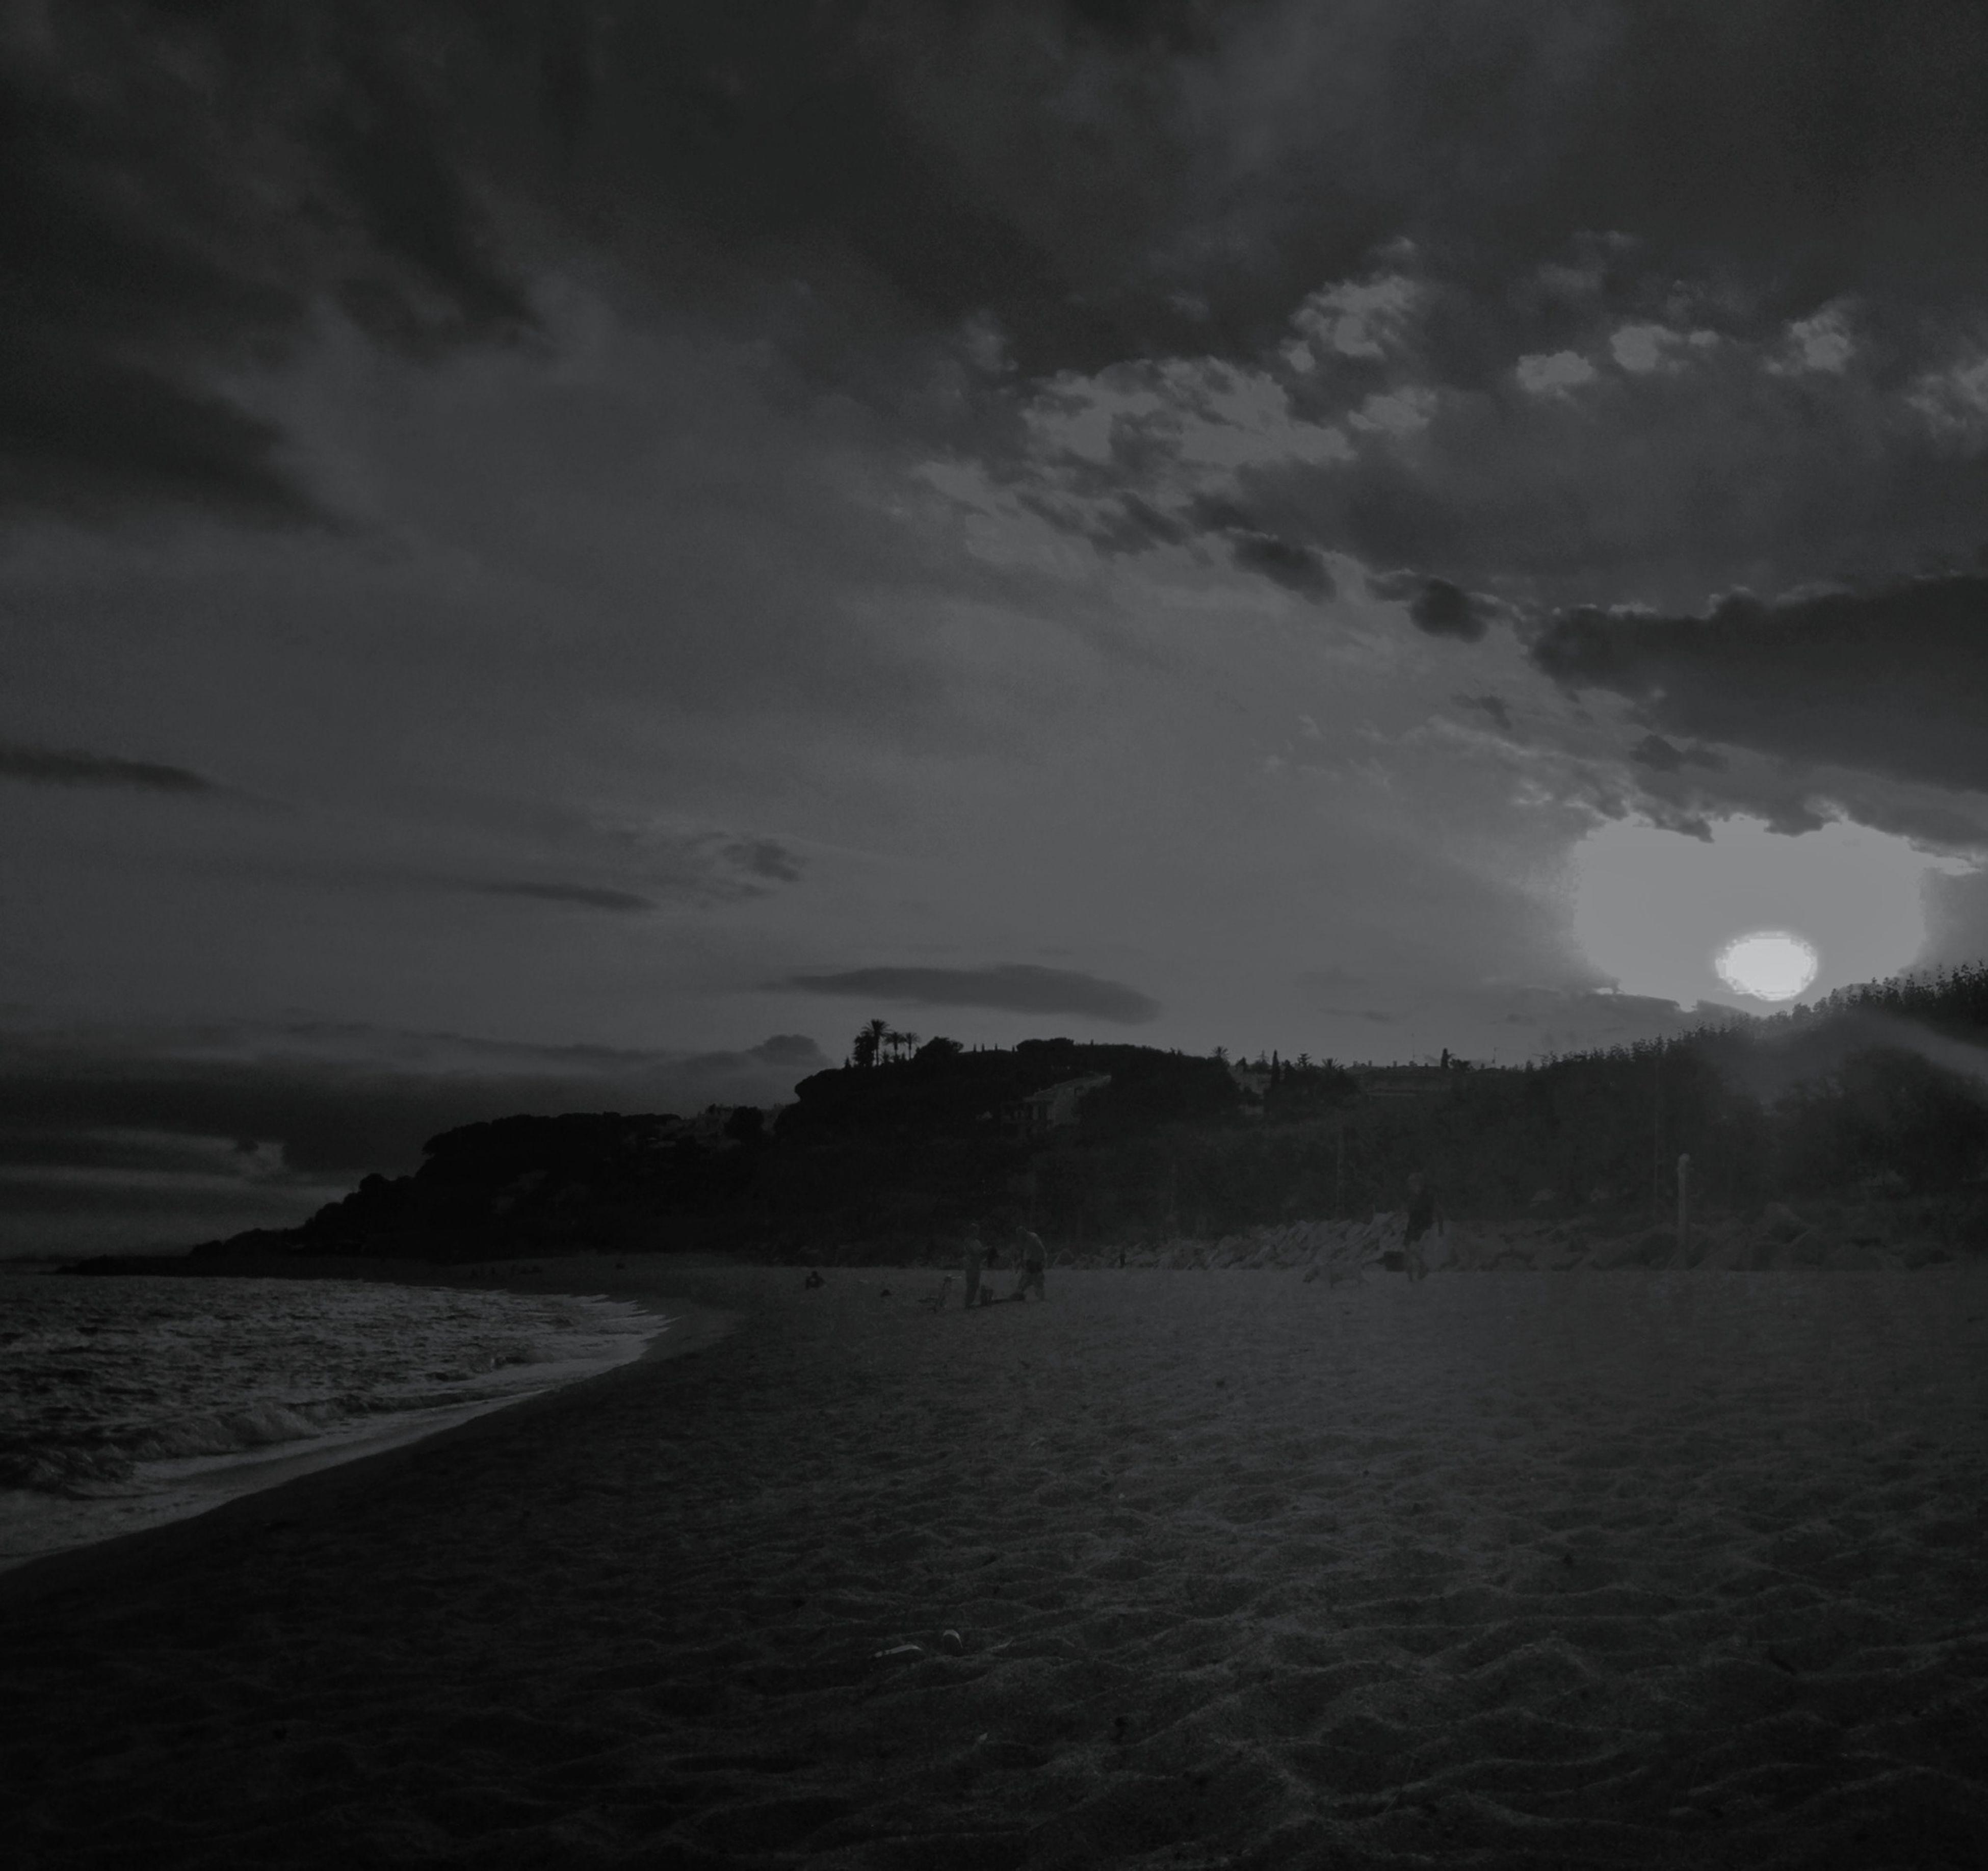 EyeEm Best Shots Blackandwhite Sea Shootermag